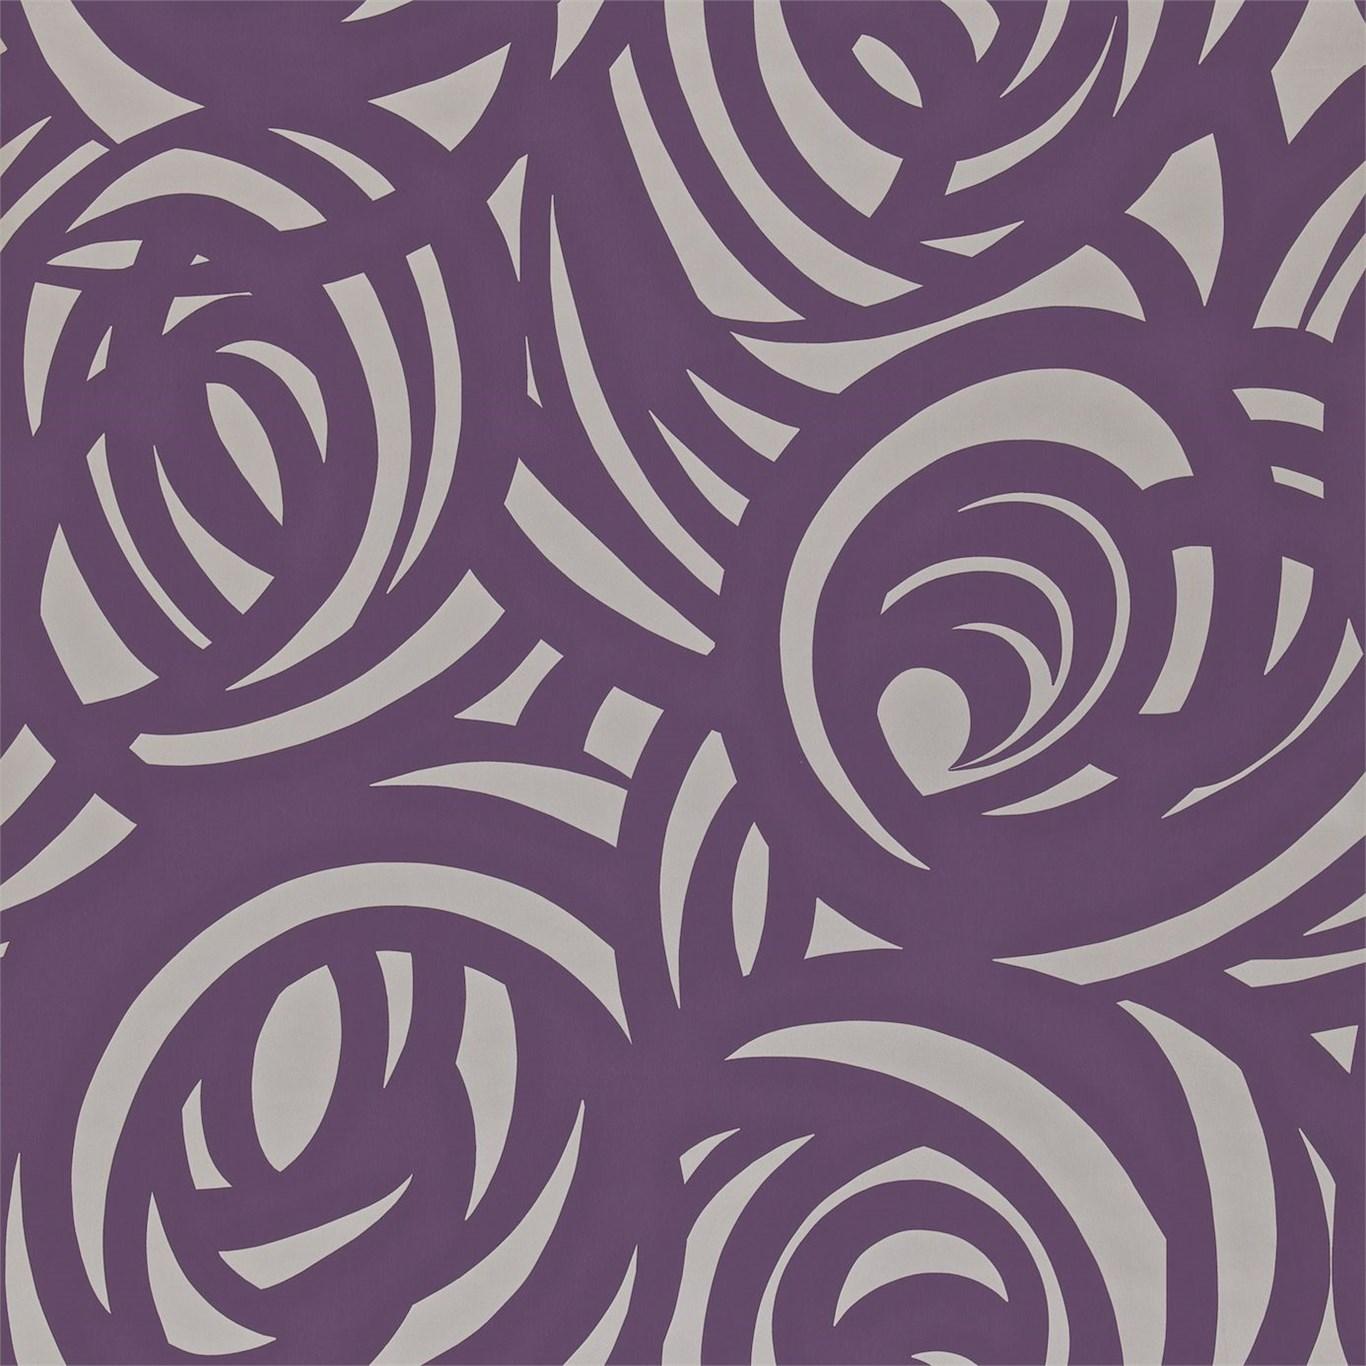 Фиолетовый принт картинки